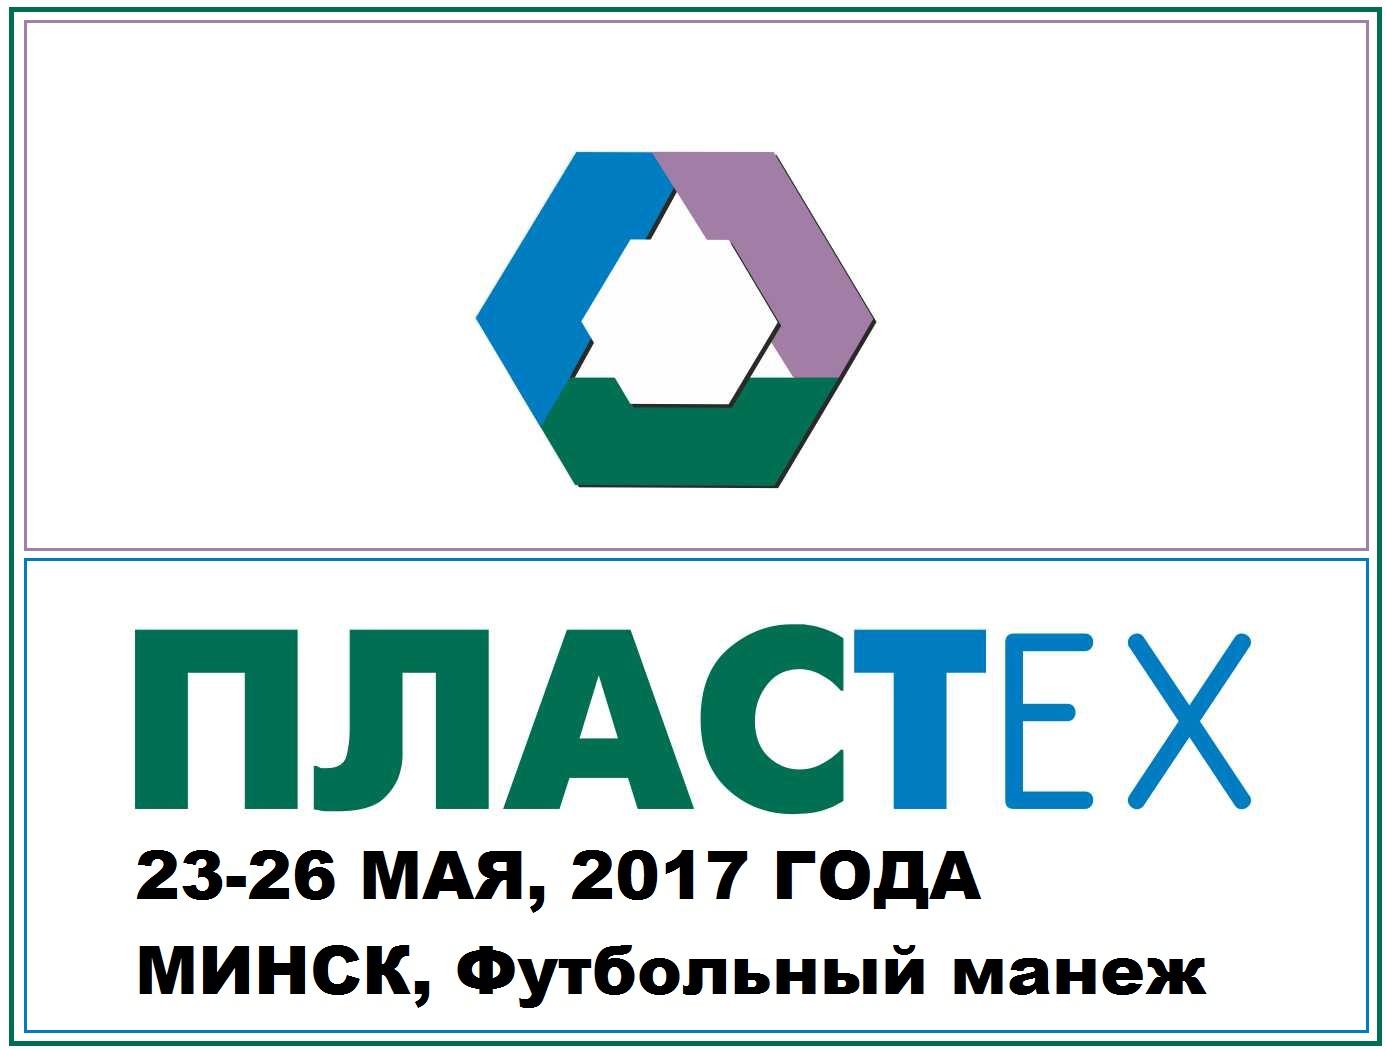 ПЛАСТЕХ 2017 - анонс мероприятия, подробности выставки